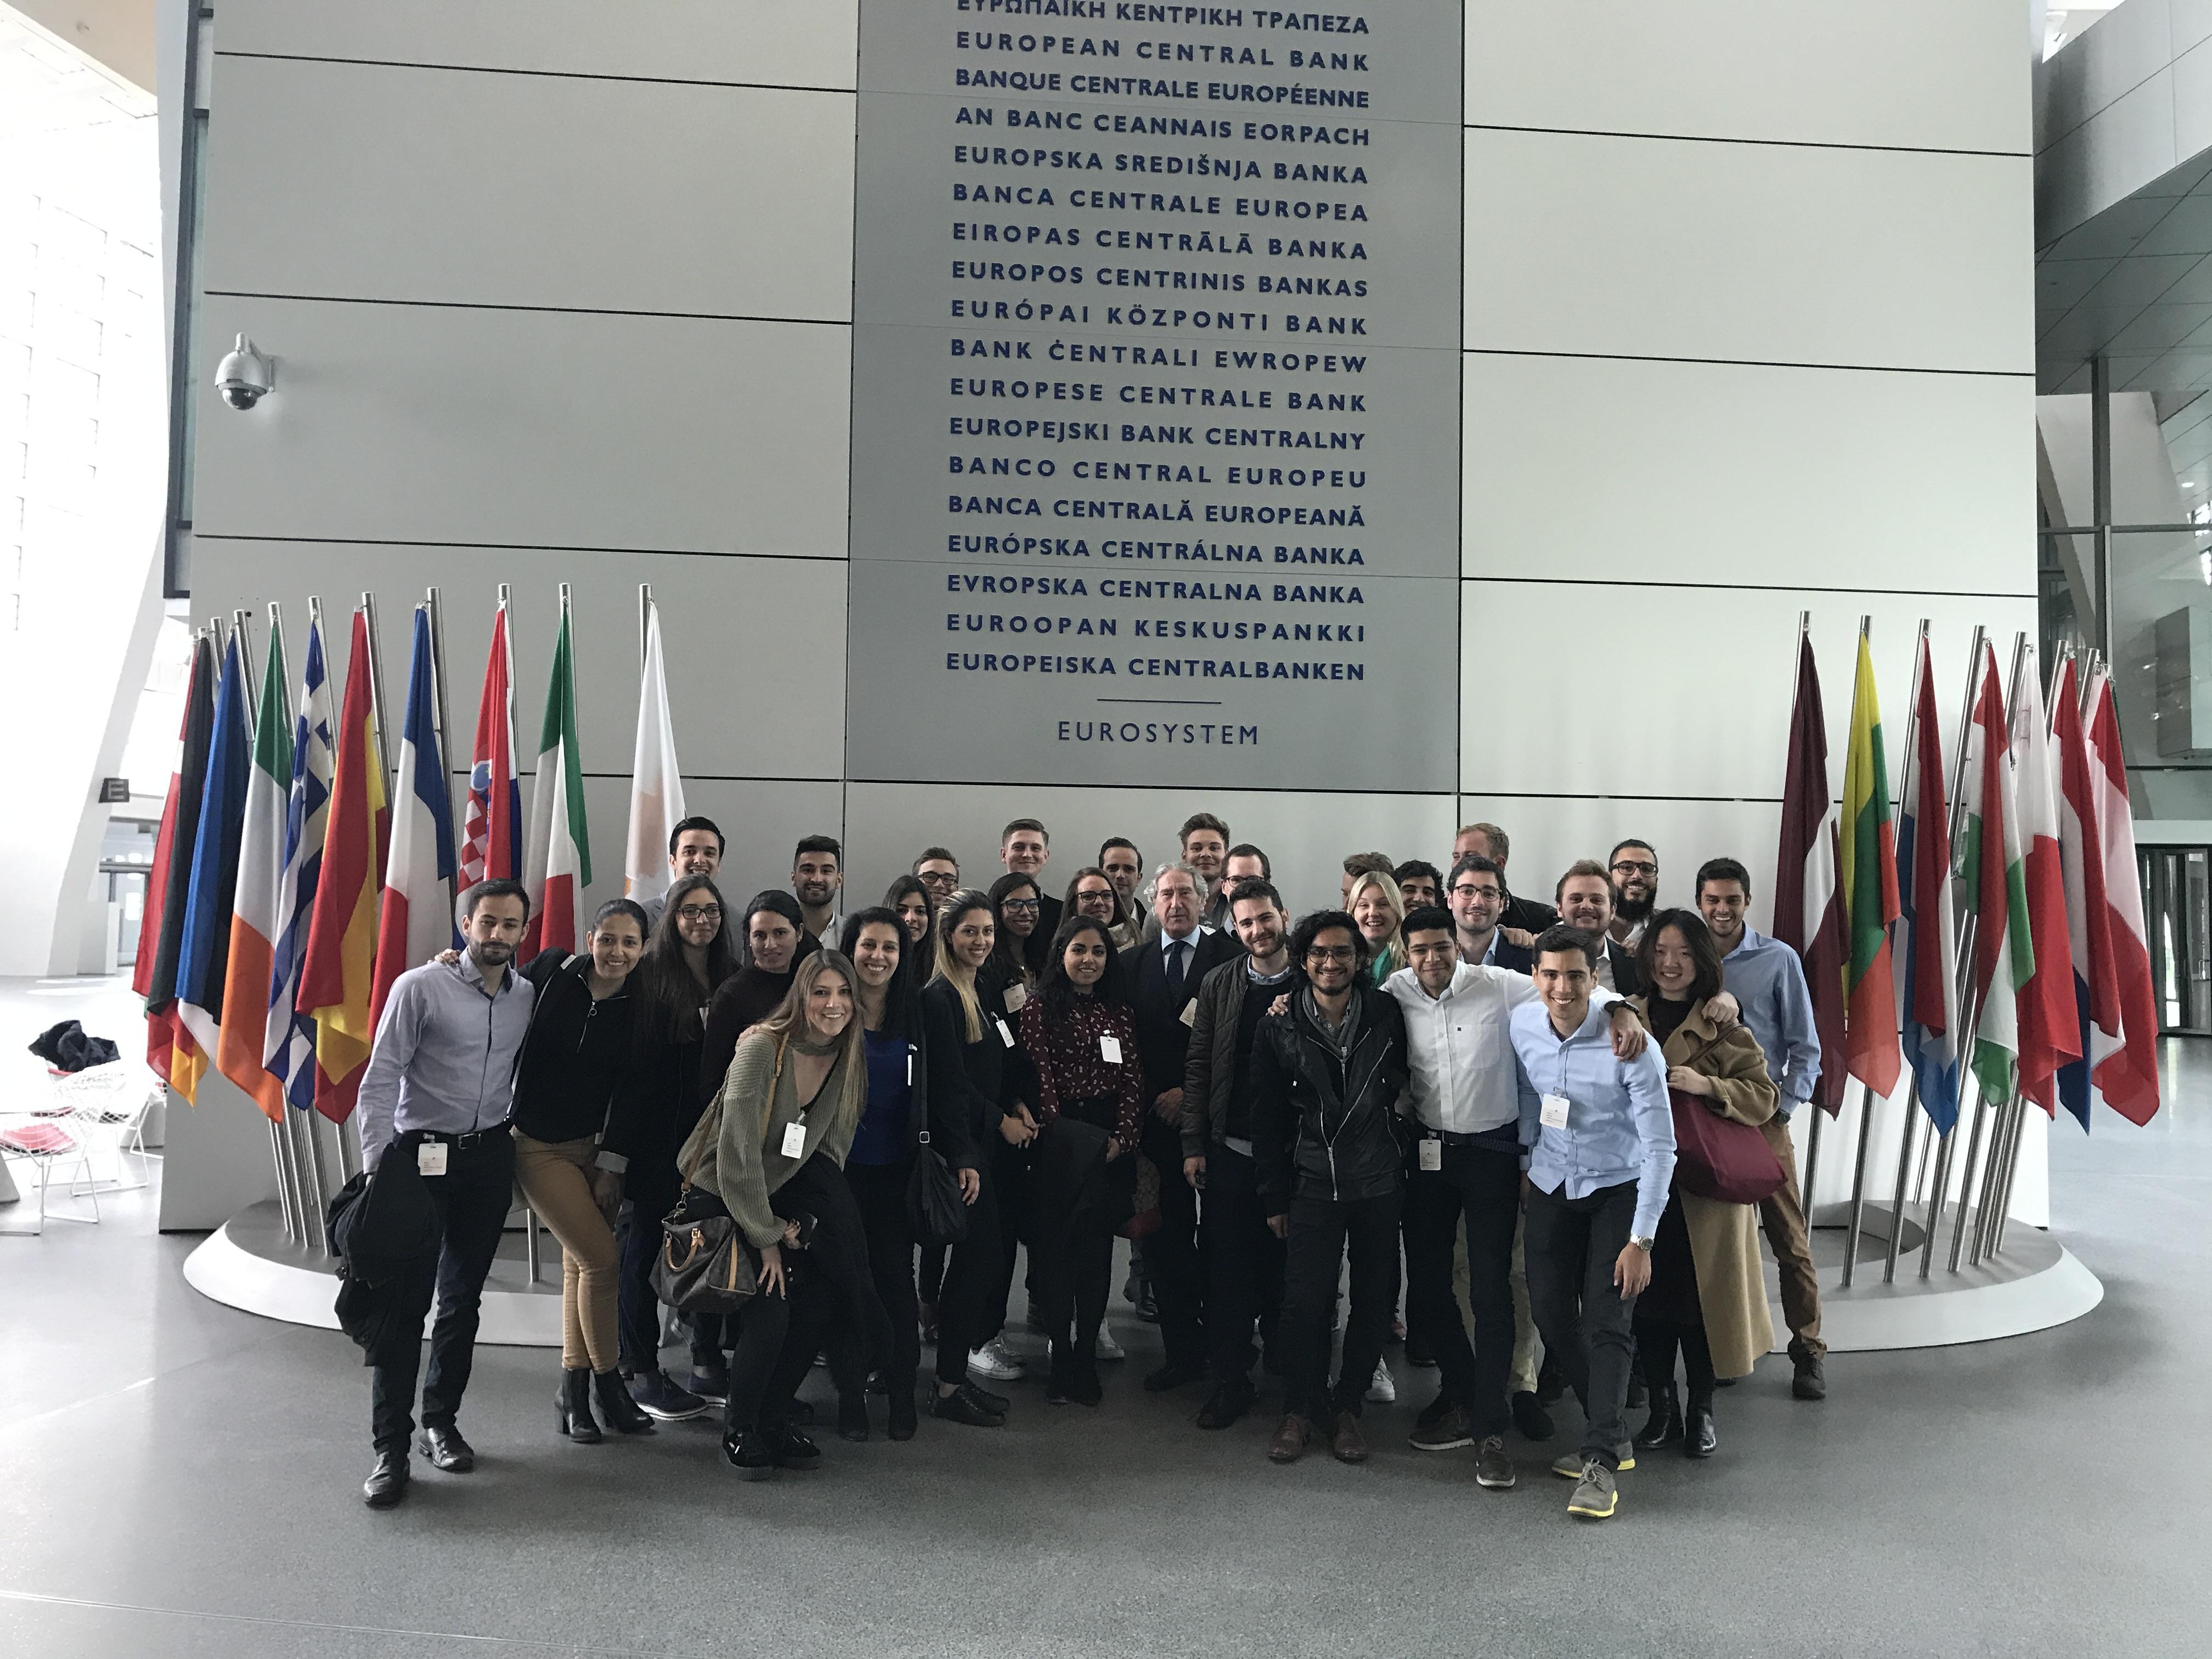 Según el participante Mauricio Verástegui, la visita al Banco Central Europeo fue uno de los aspectos más destacados del viaje.